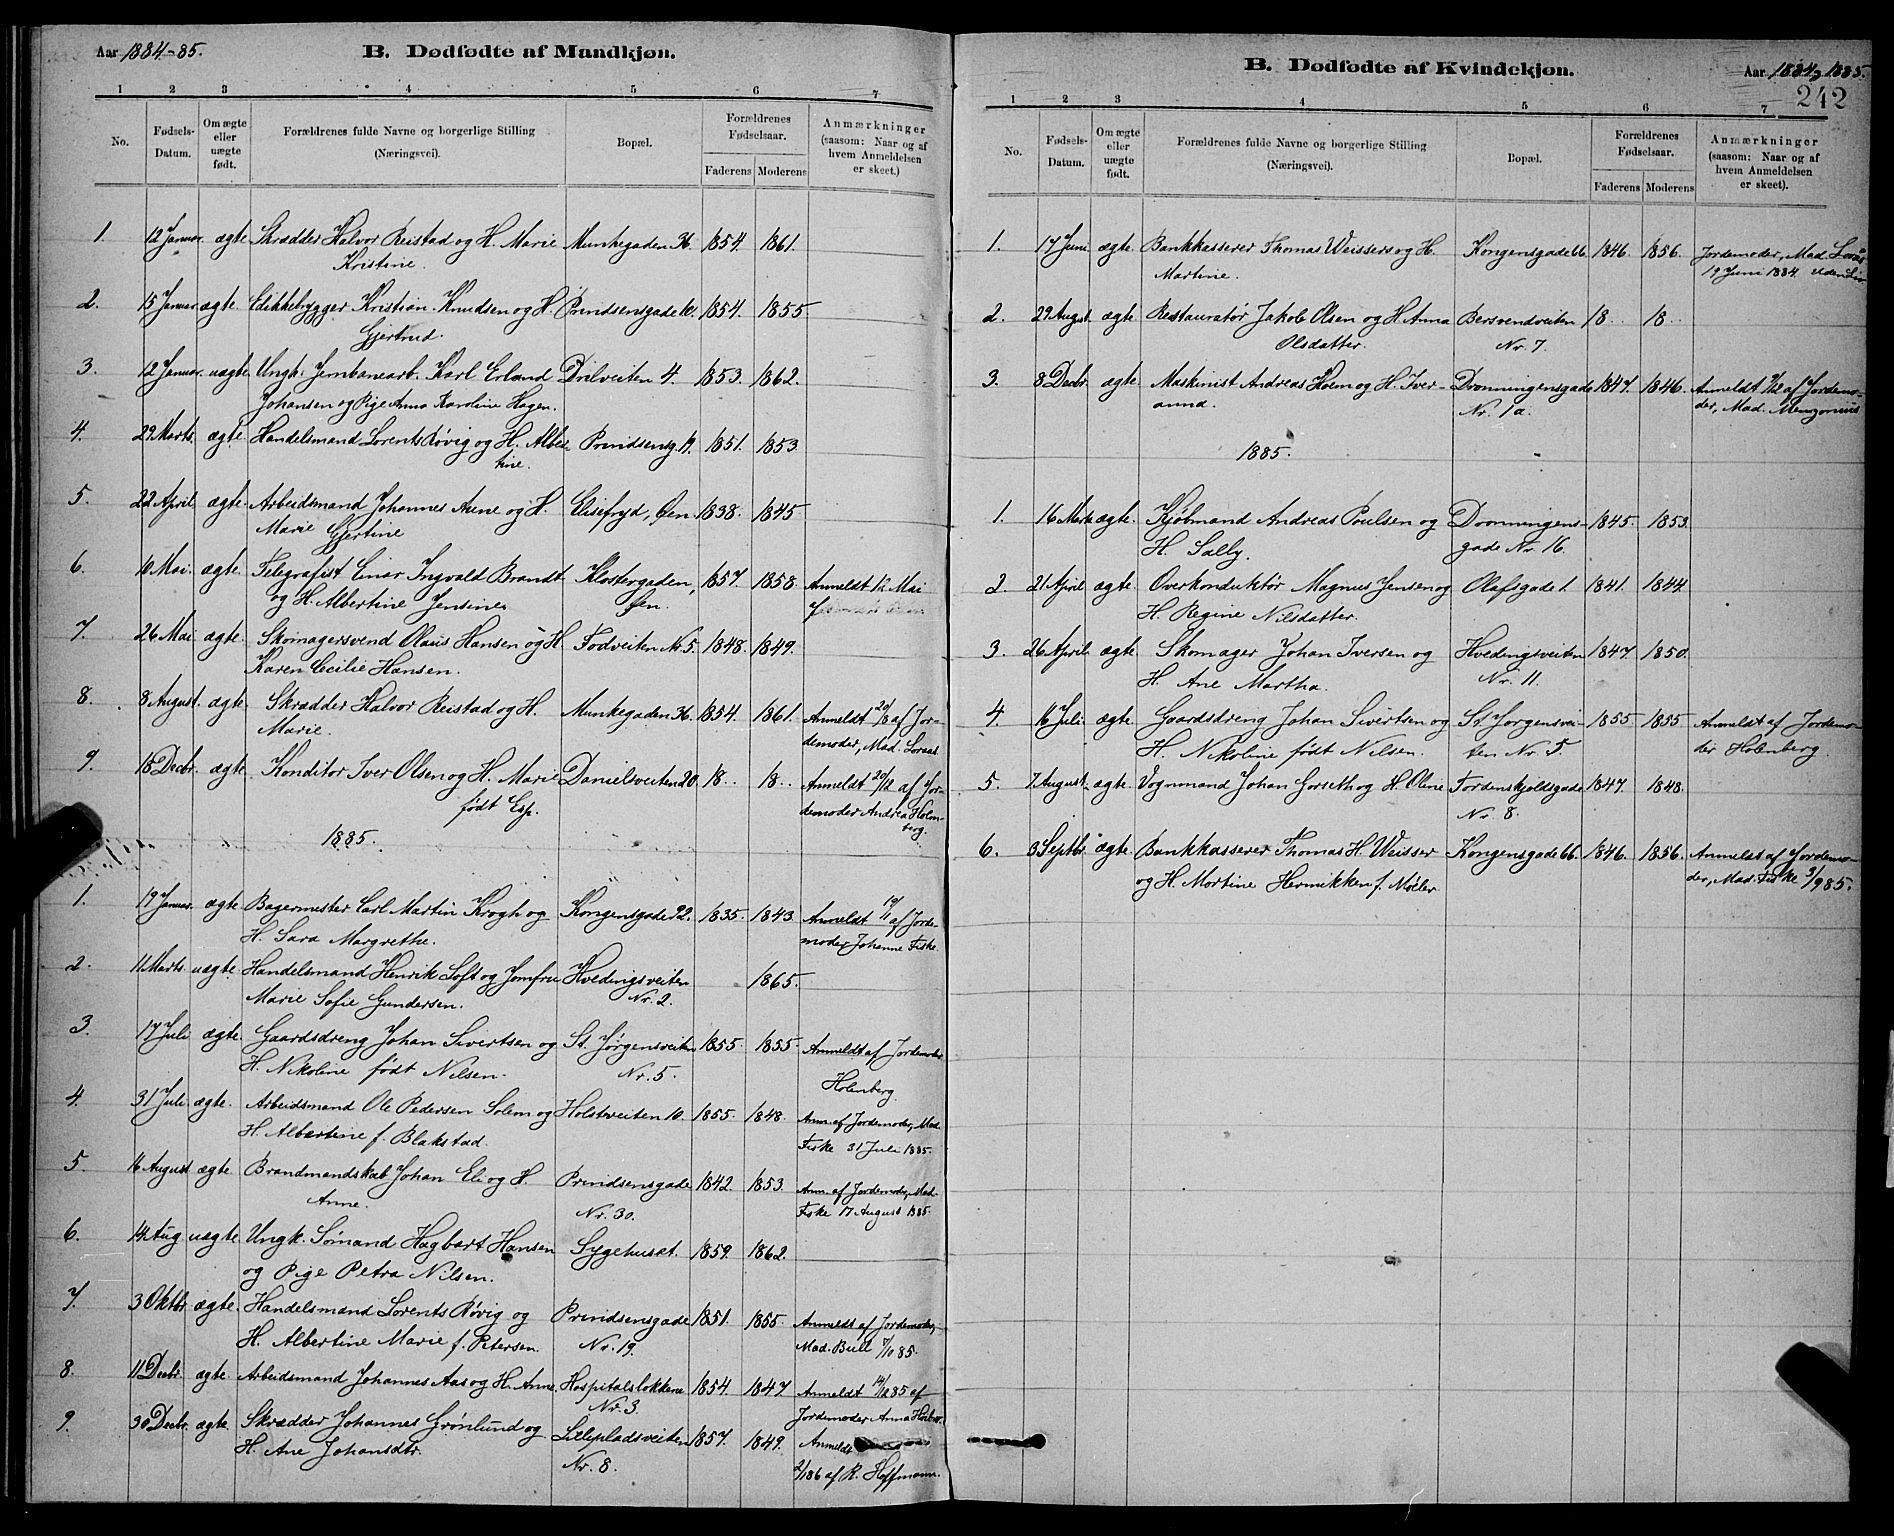 SAT, Ministerialprotokoller, klokkerbøker og fødselsregistre - Sør-Trøndelag, 601/L0092: Klokkerbok nr. 601C10, 1884-1897, s. 242